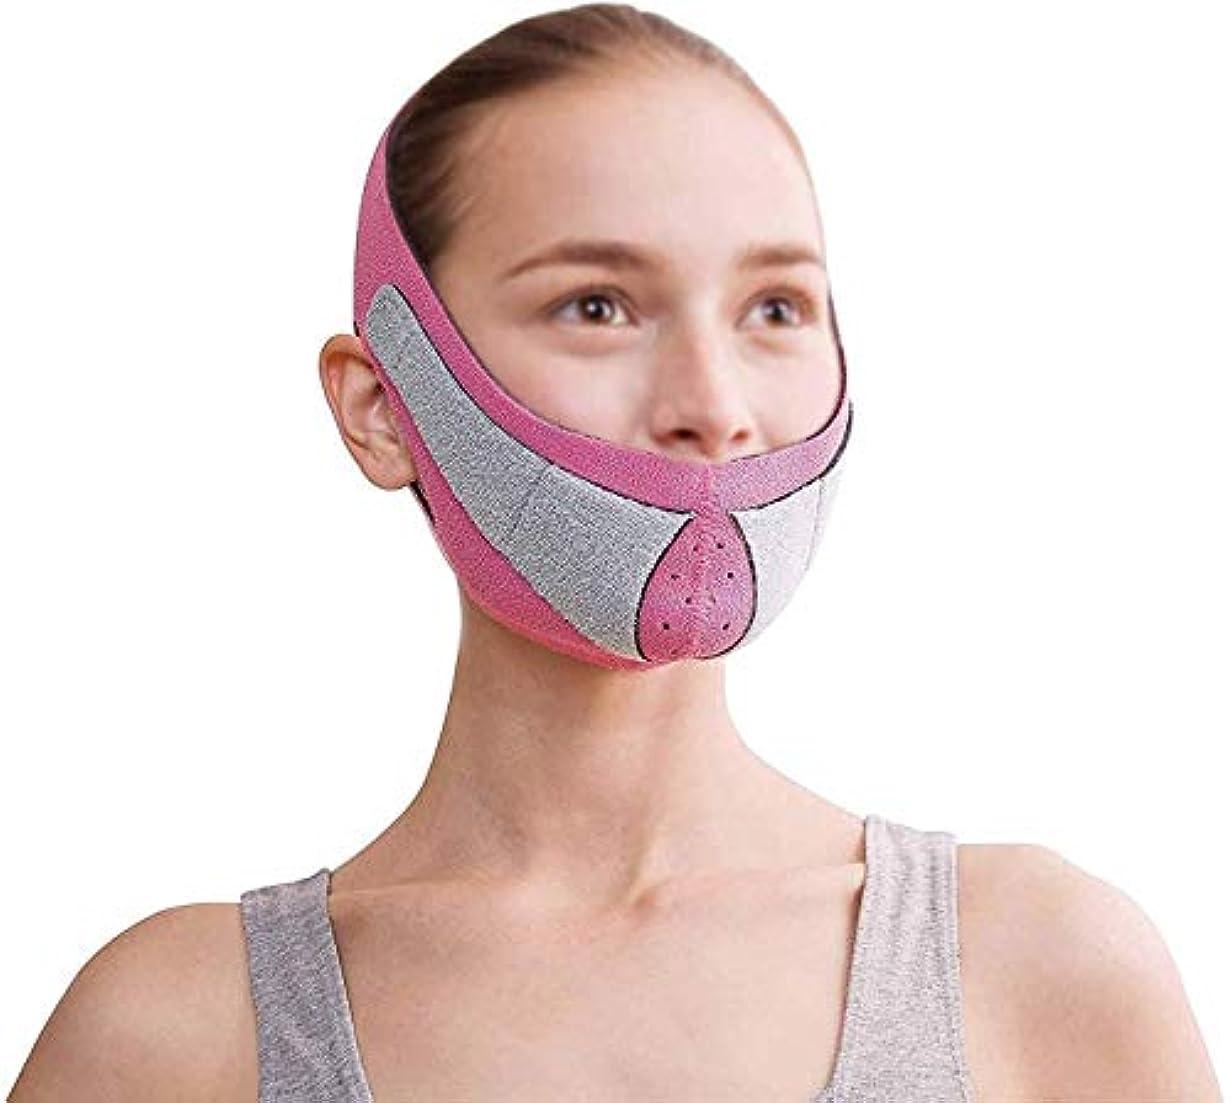 ブレース島負荷美容と実用的なフェイスリフトマスク、フェイシャルマスクプラス薄型フェイスマスクタイトアンチタギング薄型フェイスマスクフェイシャル薄型フェイスマスクアーティファクトビューティーネックストラップ付き